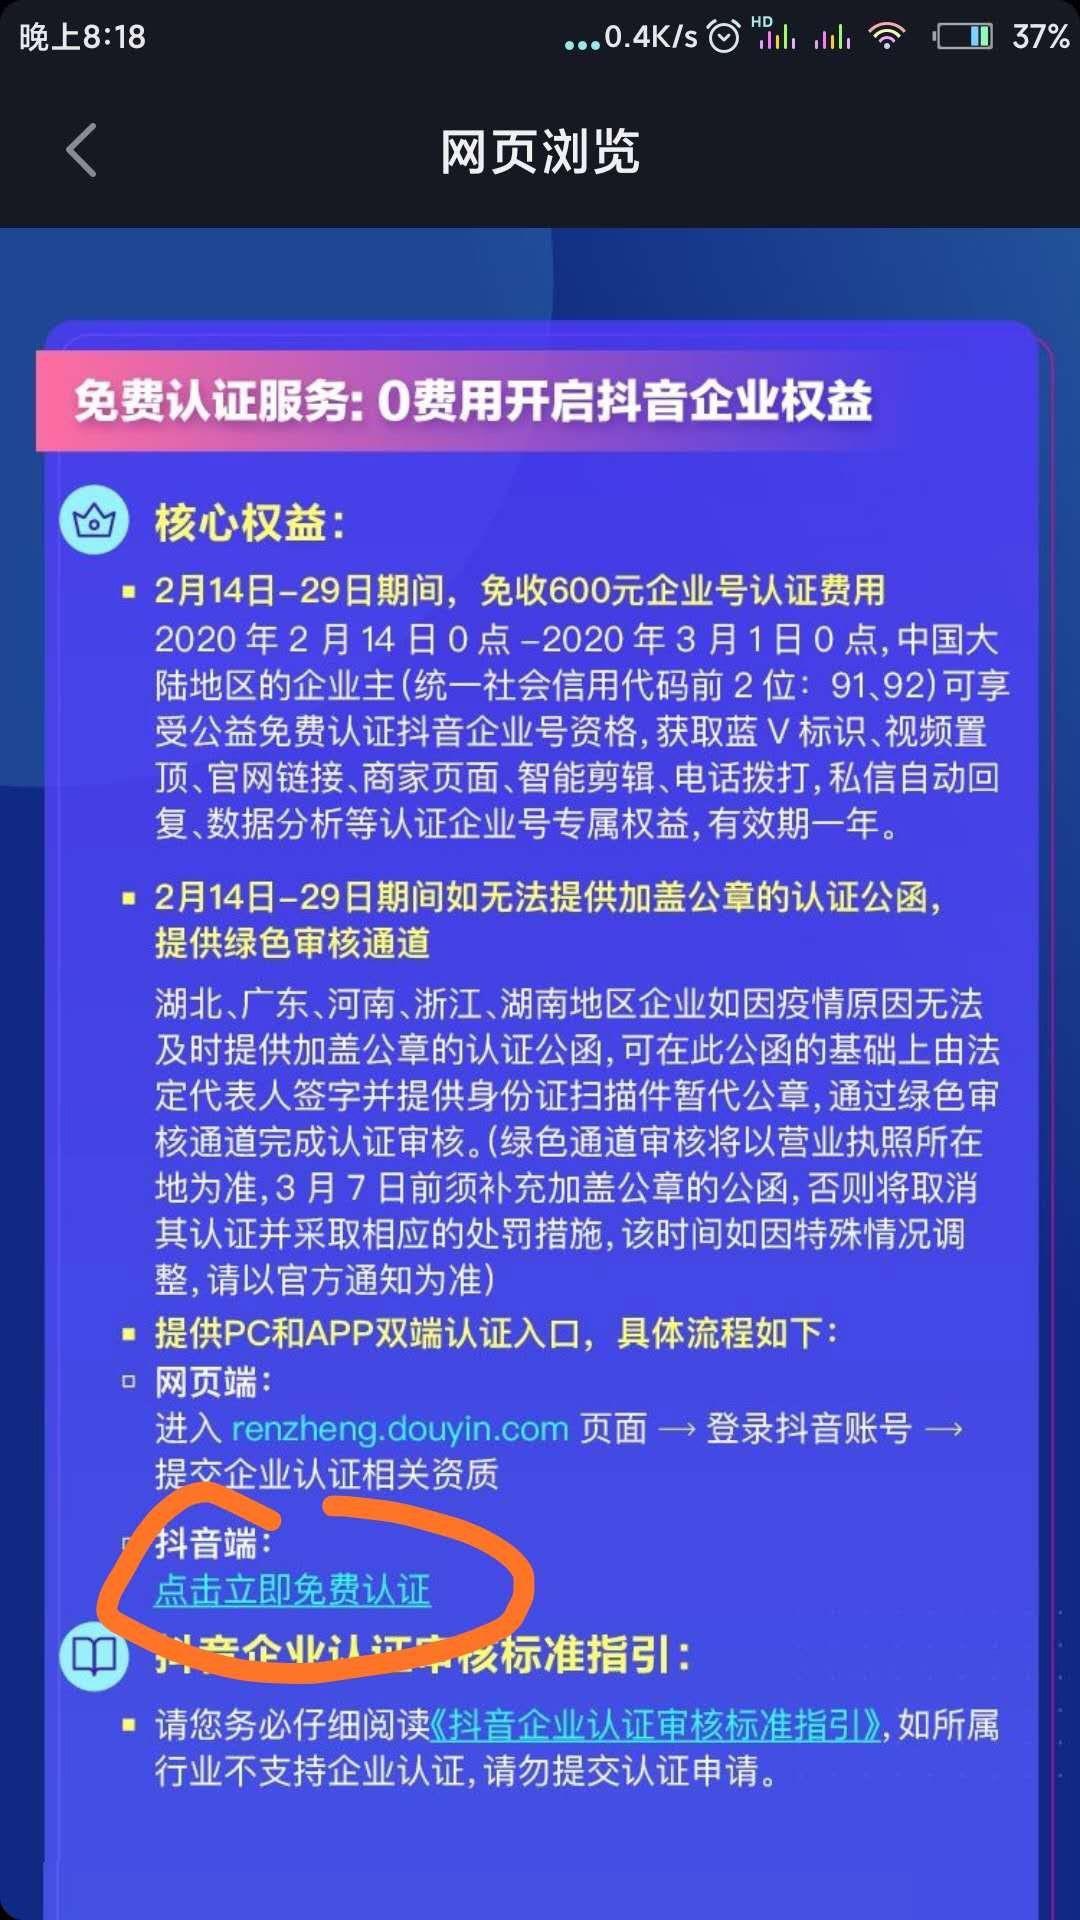 2020年抖音最新免费【企业认证】方法-节省600元4